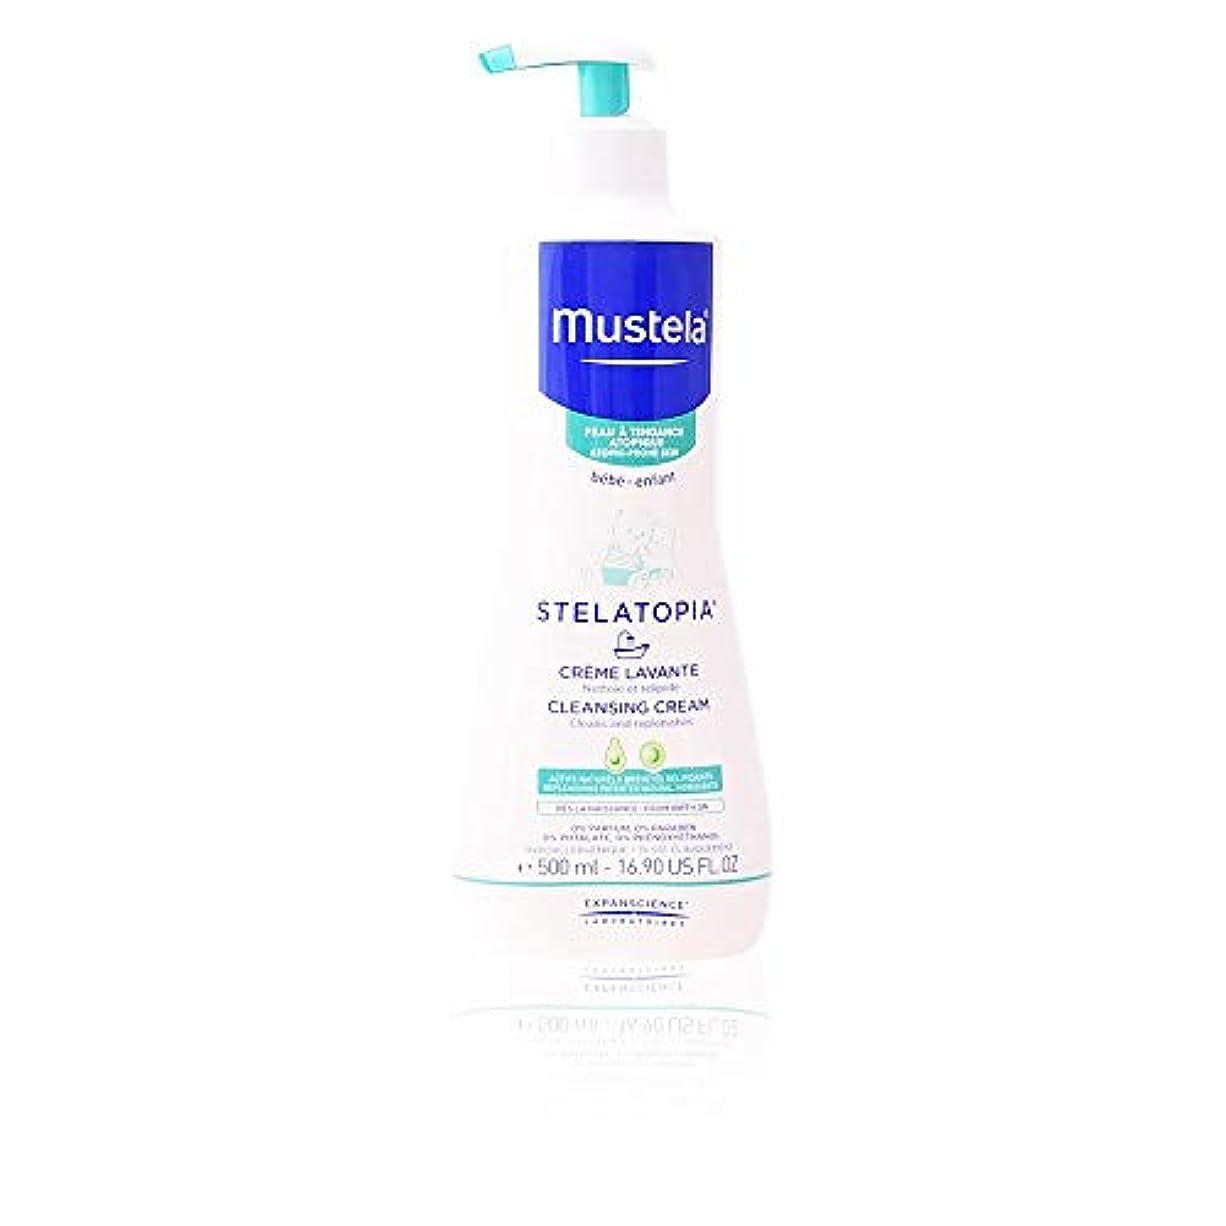 木材マイルストーン書店ムステラ Stelatopia Cleansing Cream - For Atopic-Prone Skin 500ml/16.9oz並行輸入品